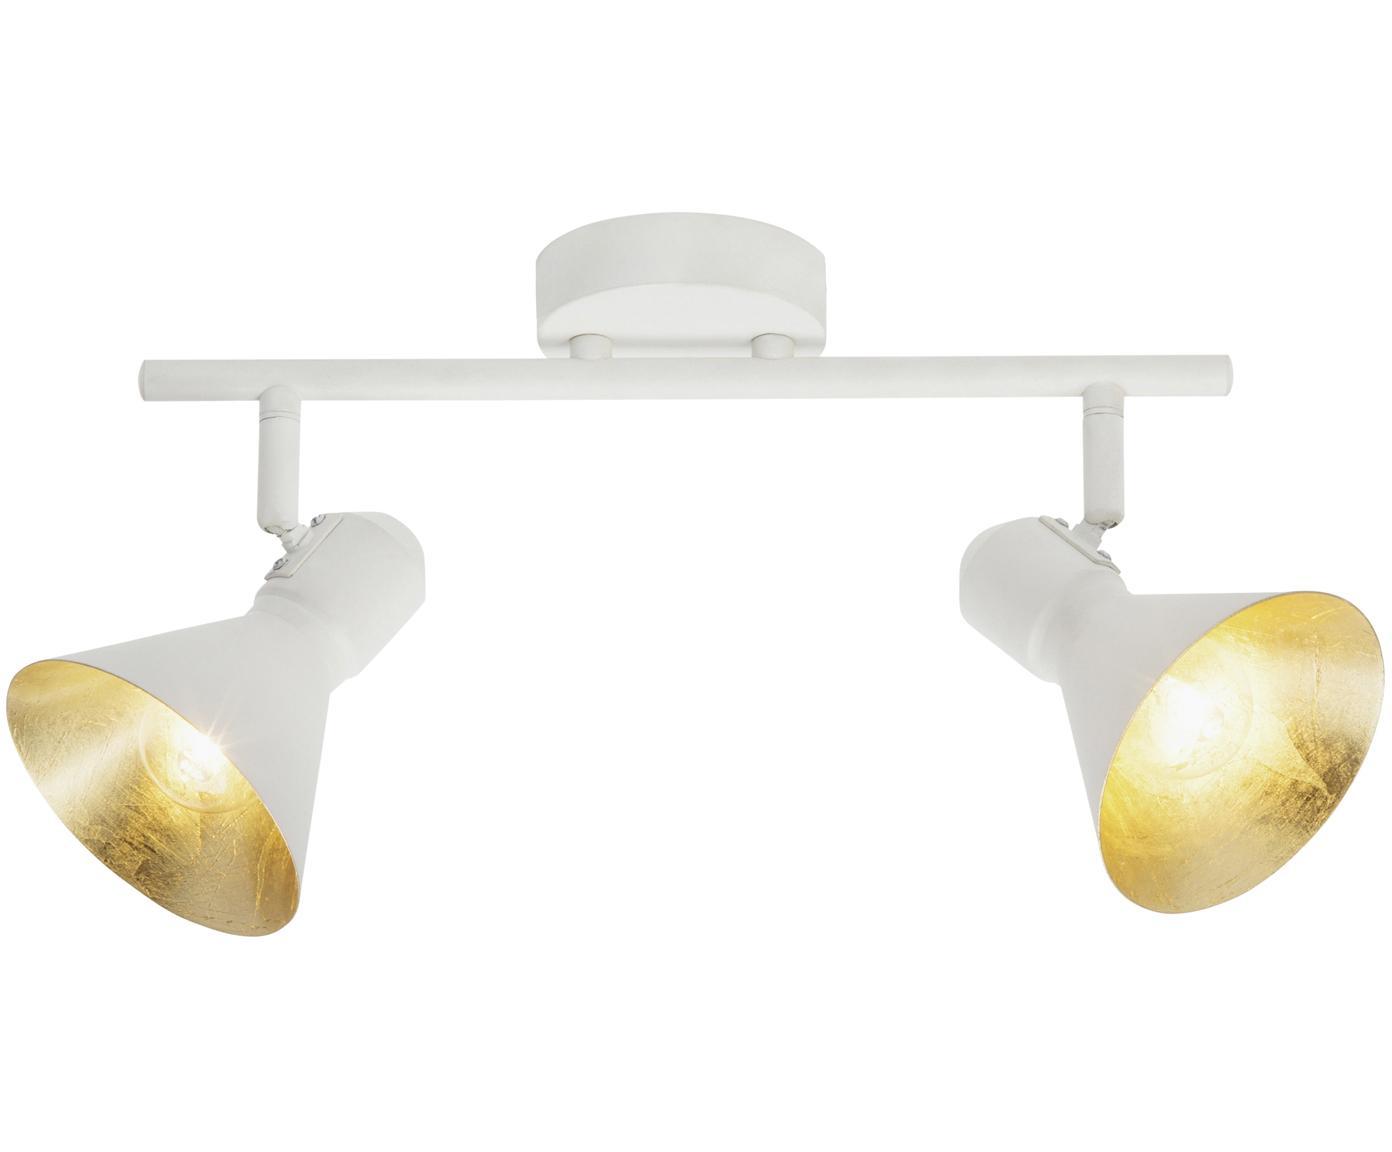 Faretti da soffitto bianchi Aztekas, Metallo, Bianco, Larg. 43 x Alt. 18 cm